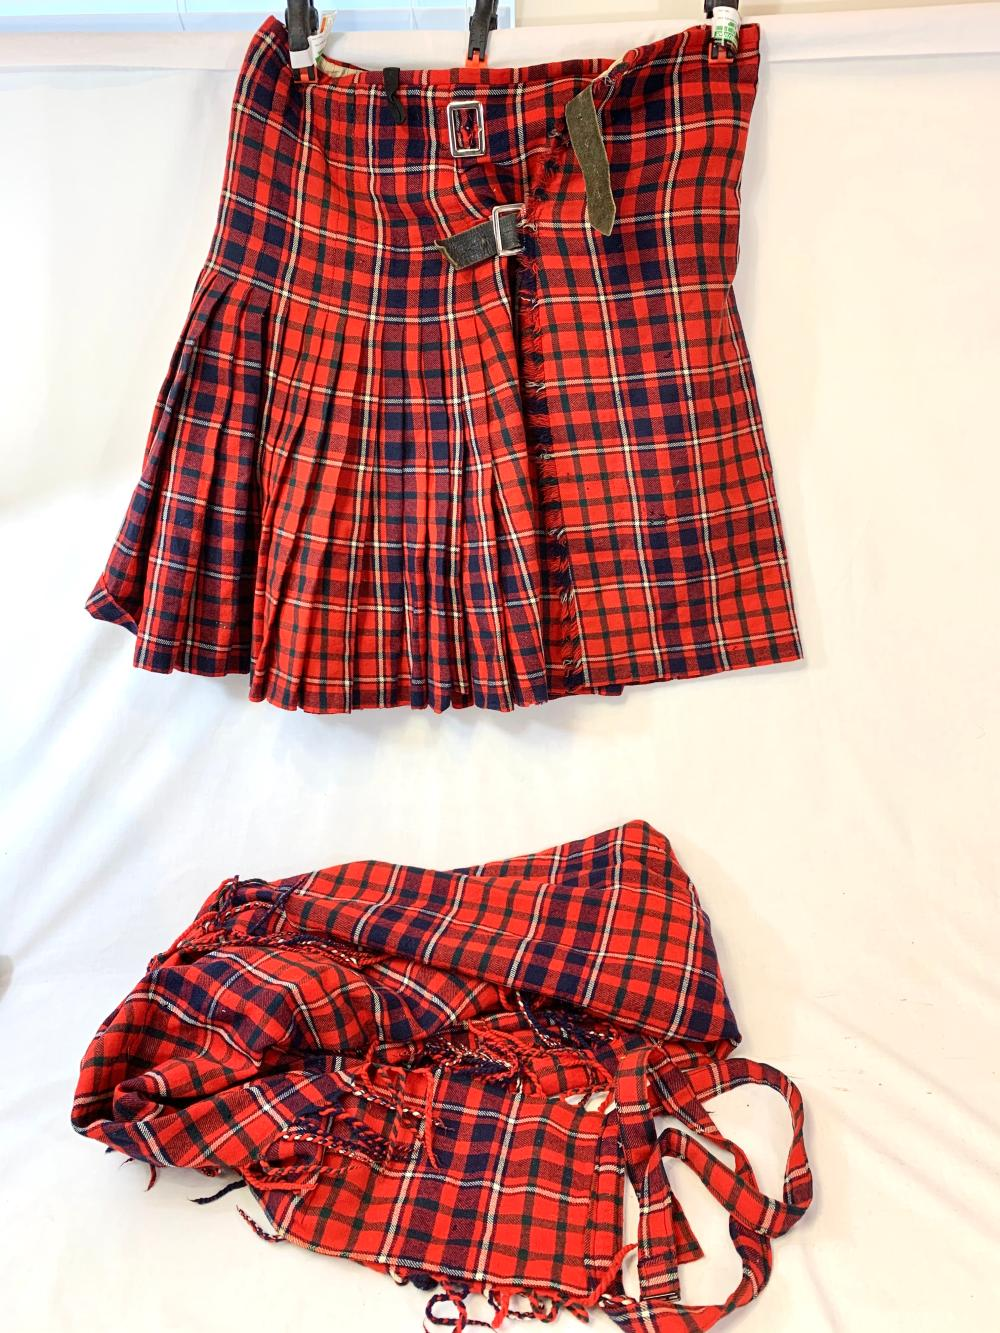 Vintage Scottish Kilt & Plaid